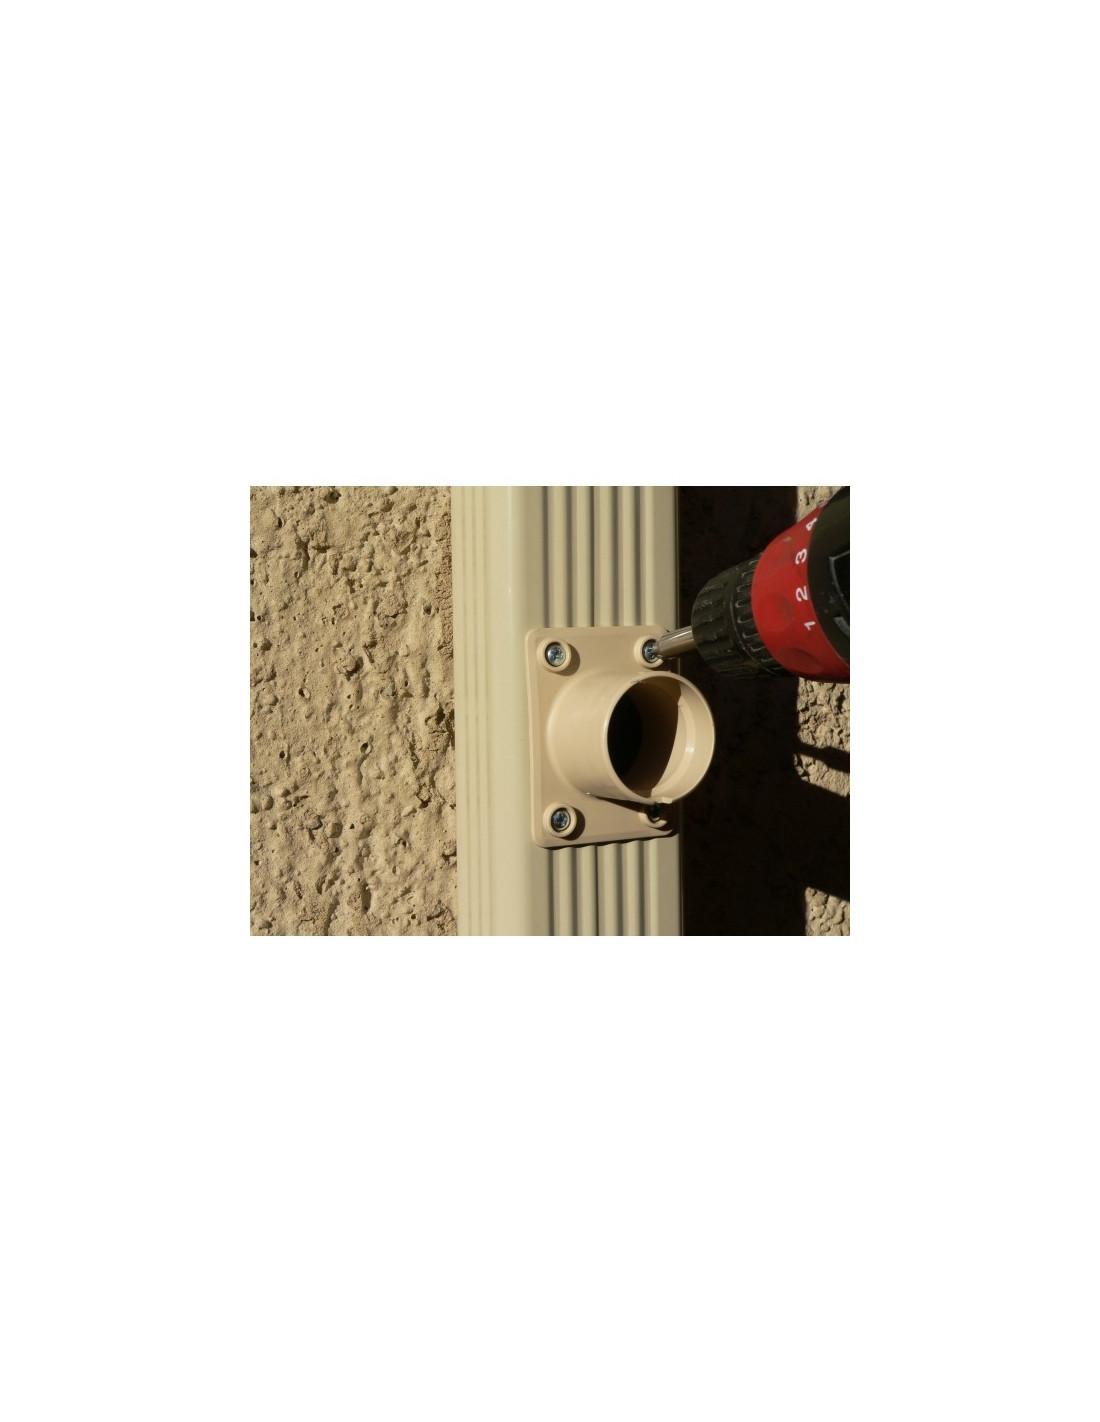 kit collecteur rectangulaire eau de pluie capt 39 eau sable. Black Bedroom Furniture Sets. Home Design Ideas